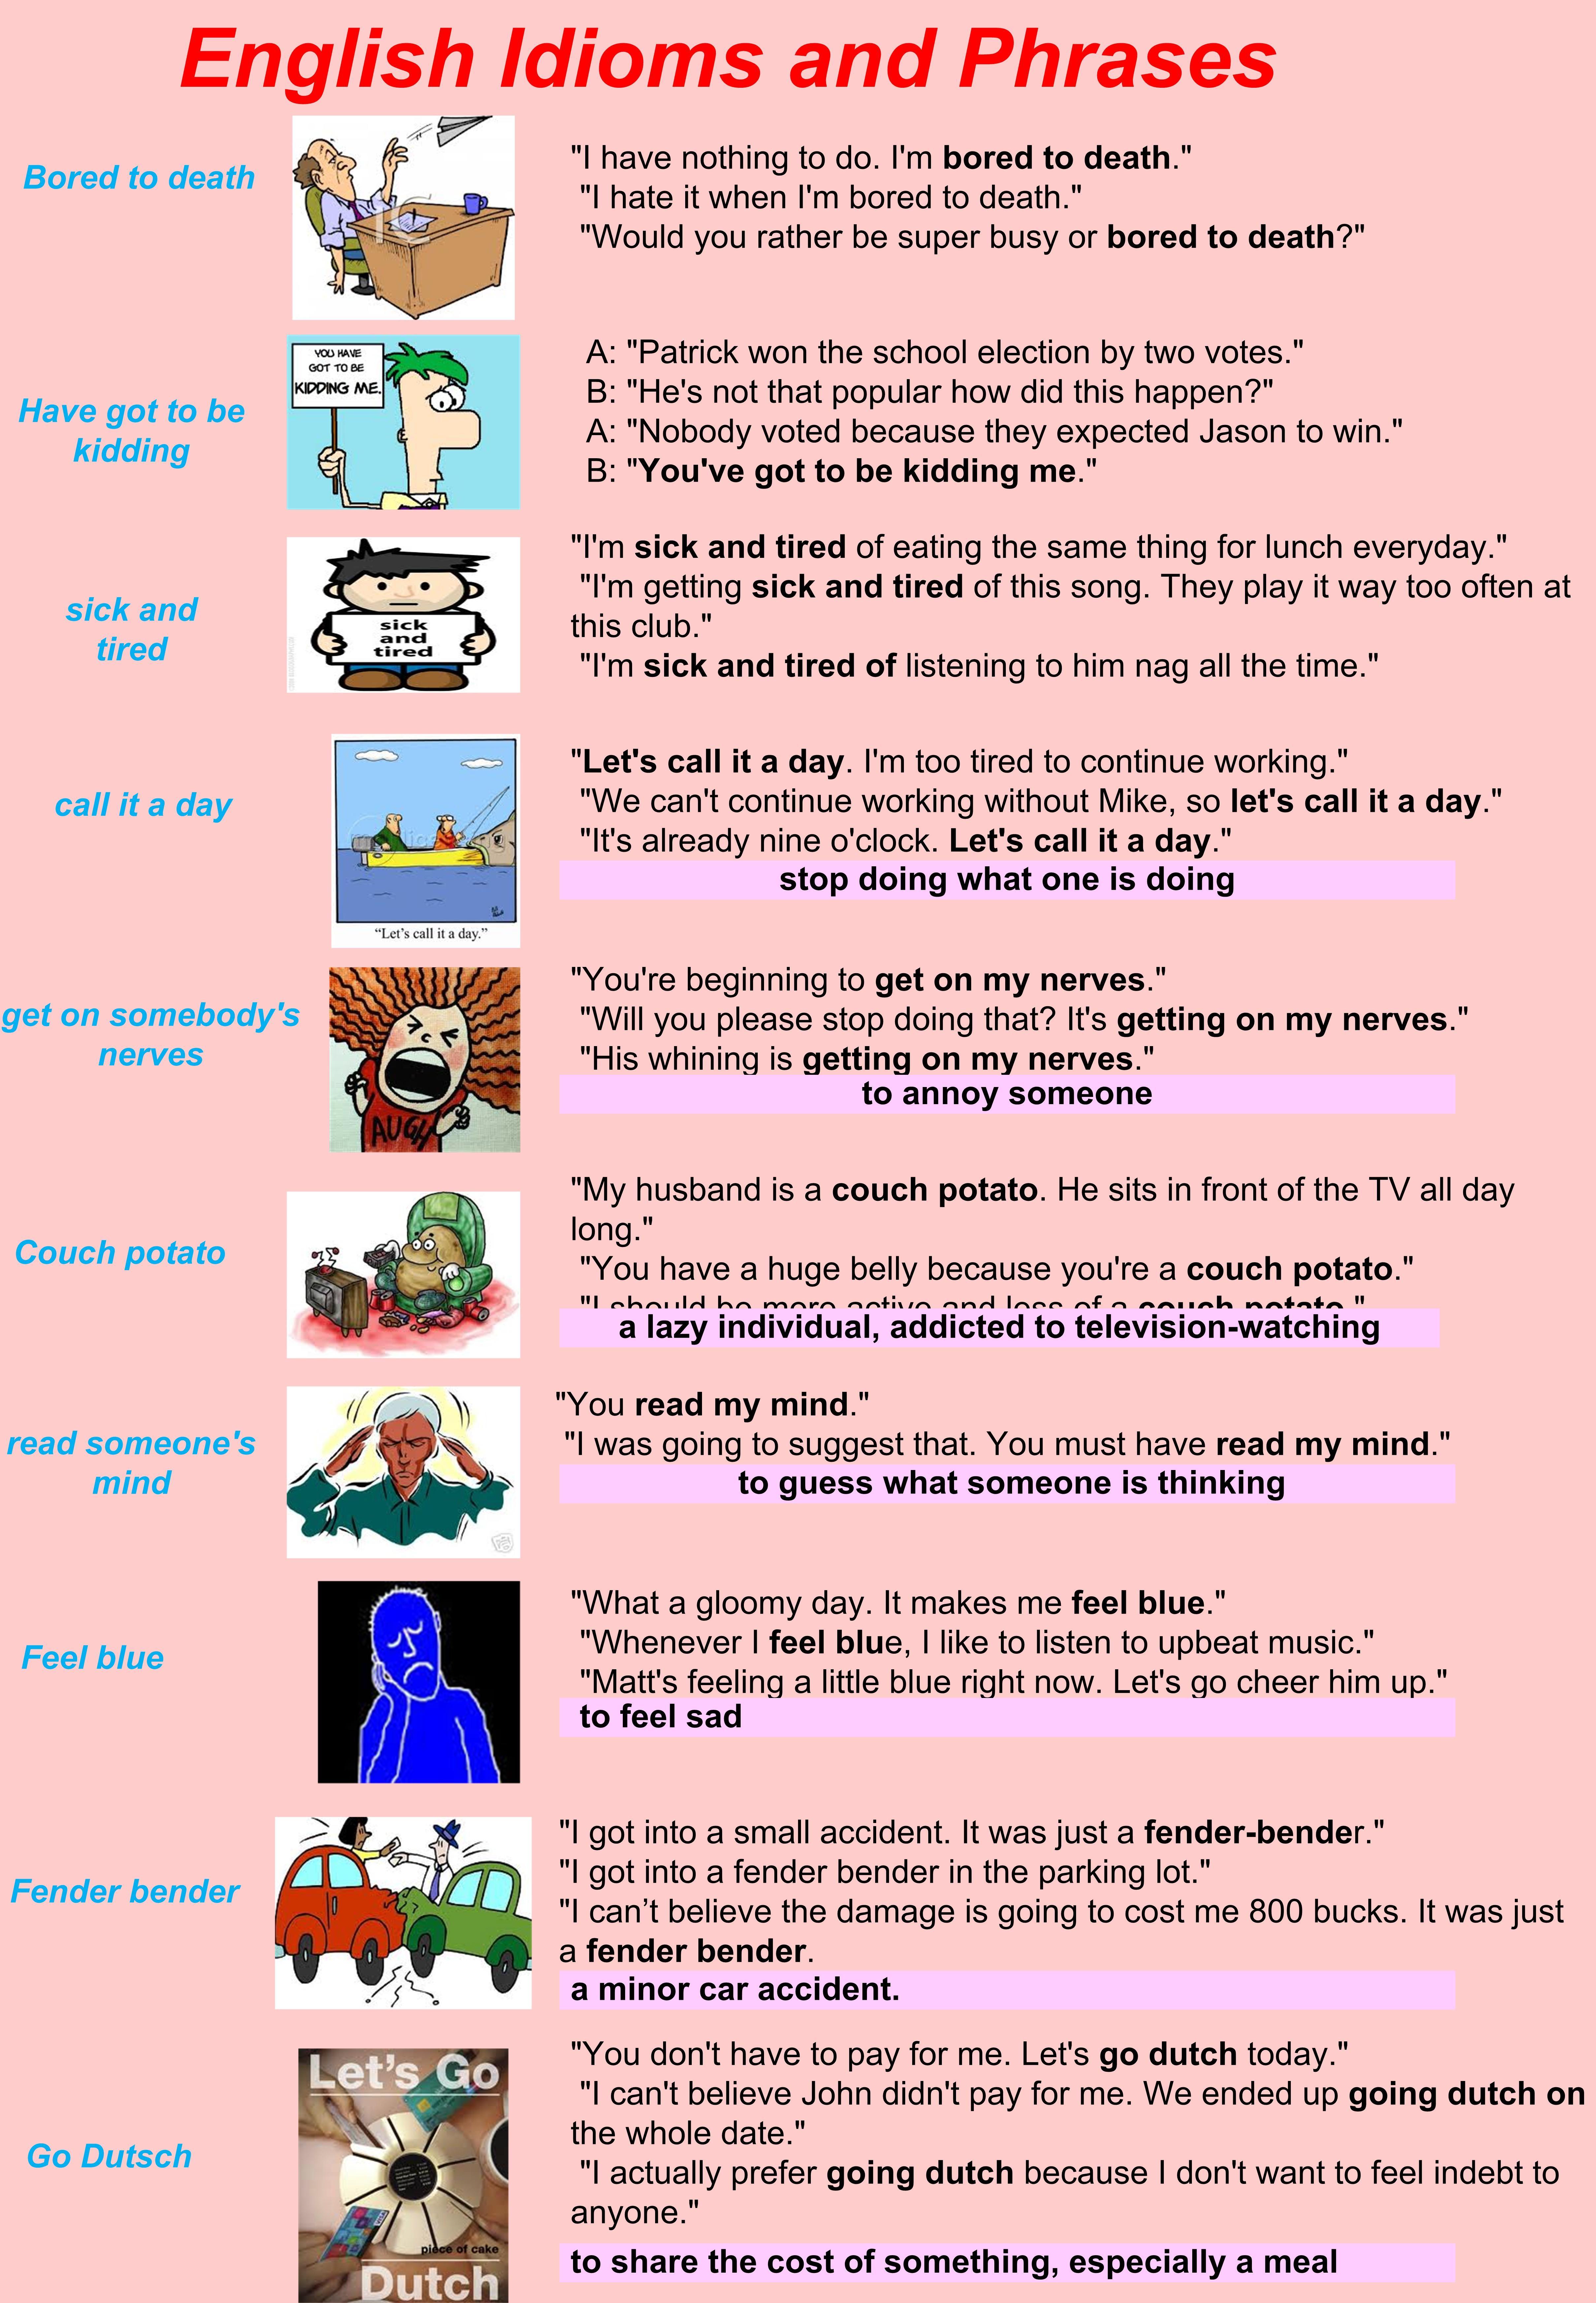 English Idioms English Idioms Idioms Idioms And Phrases [ 6981 x 4838 Pixel ]